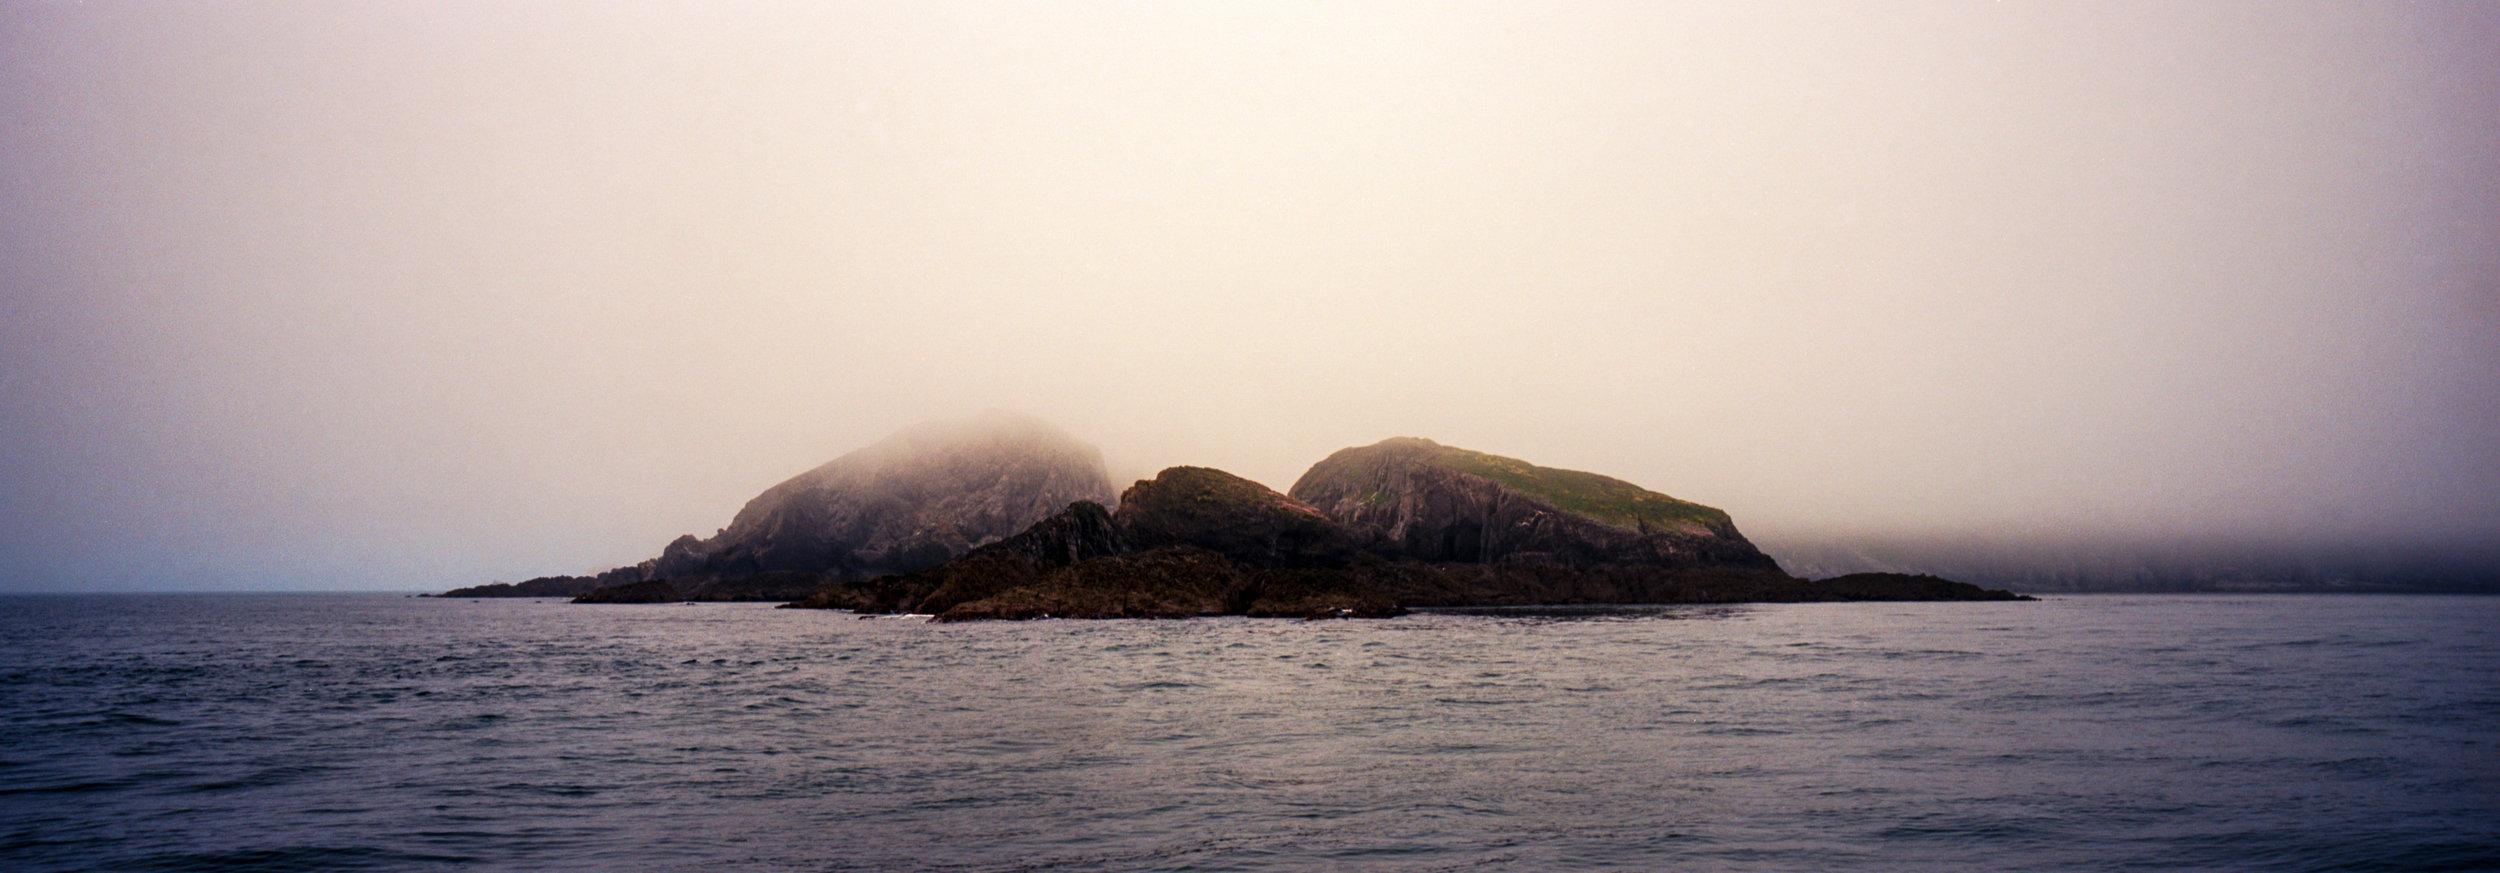 Landscape Photography Lundy-6.jpg